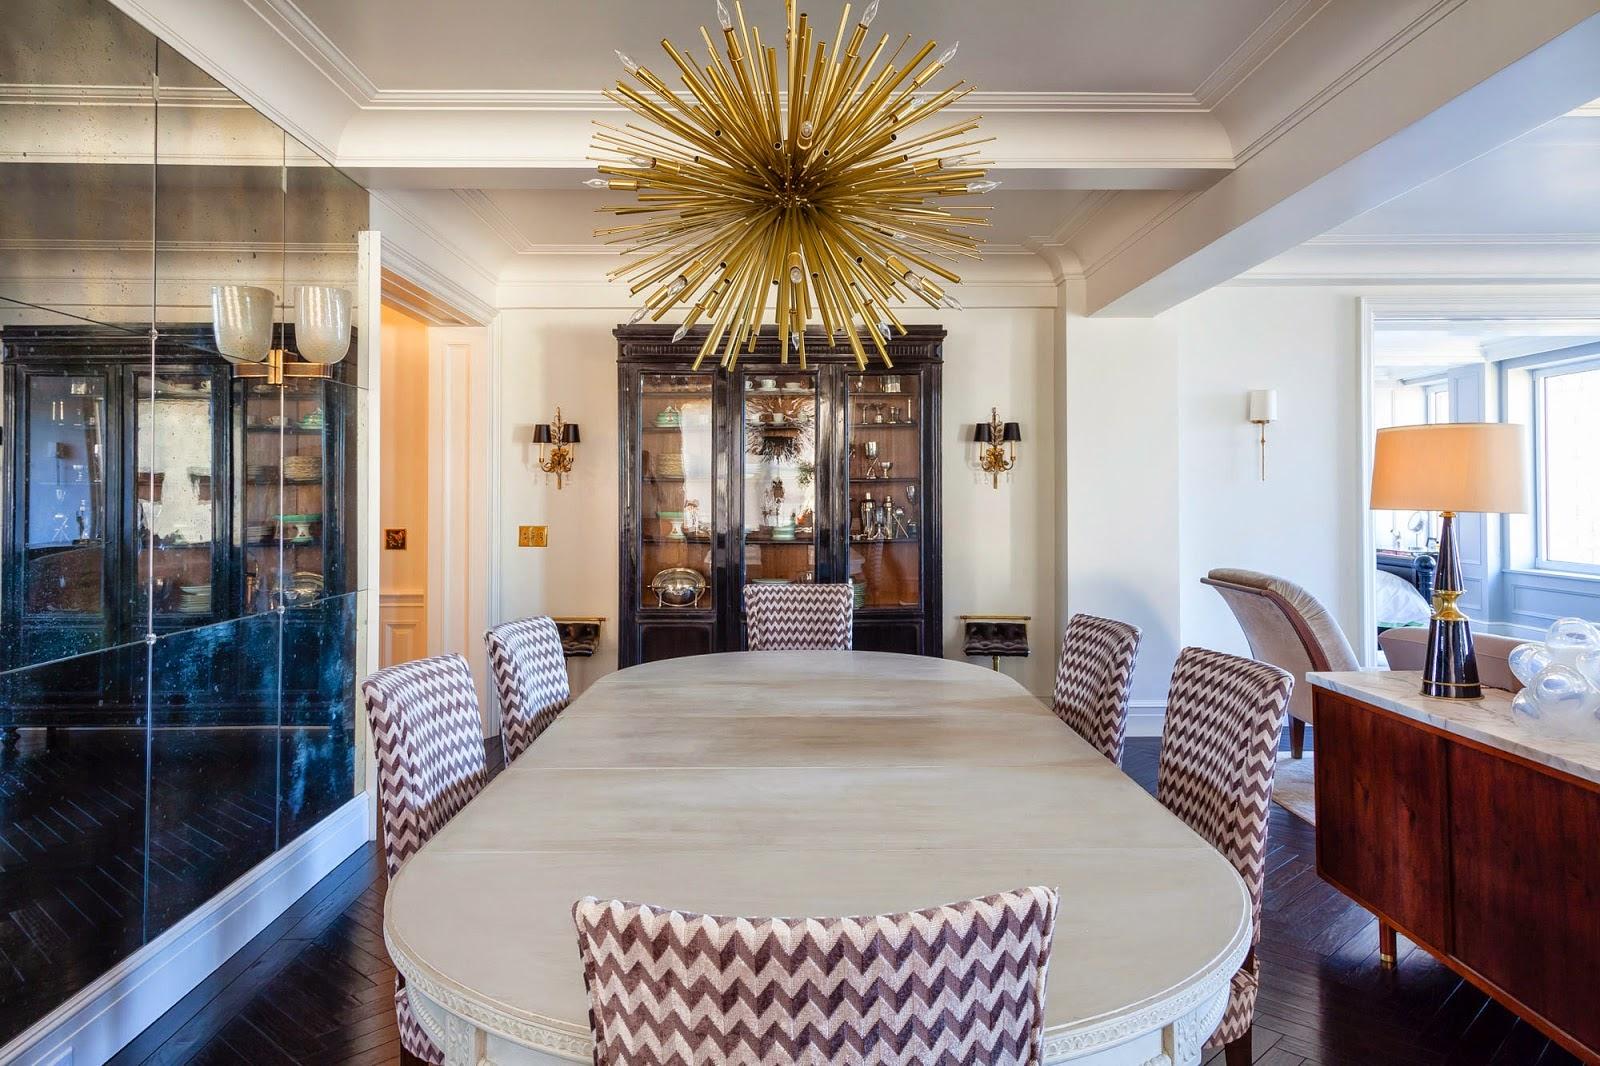 Бежево-коричневая и черная мебель в стиле арт-деко